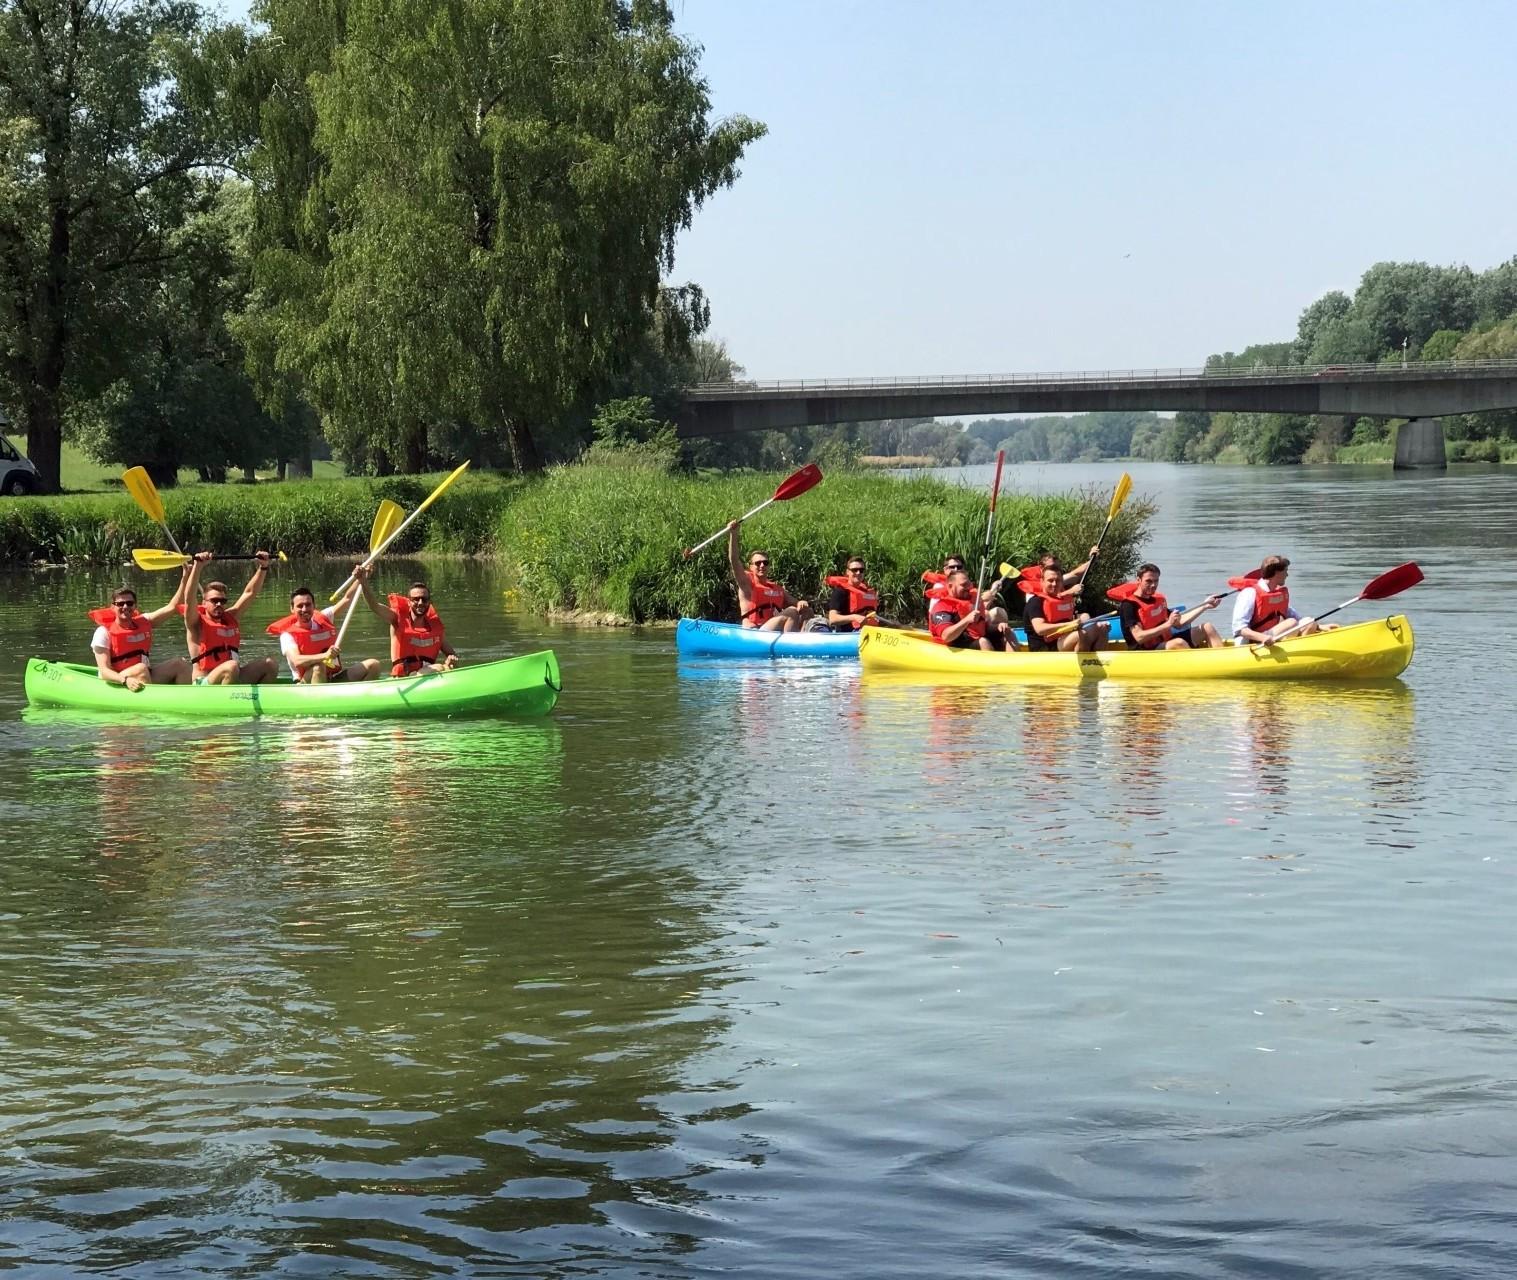 Erlebnismax - Kanutouren auf der Donau und mehr